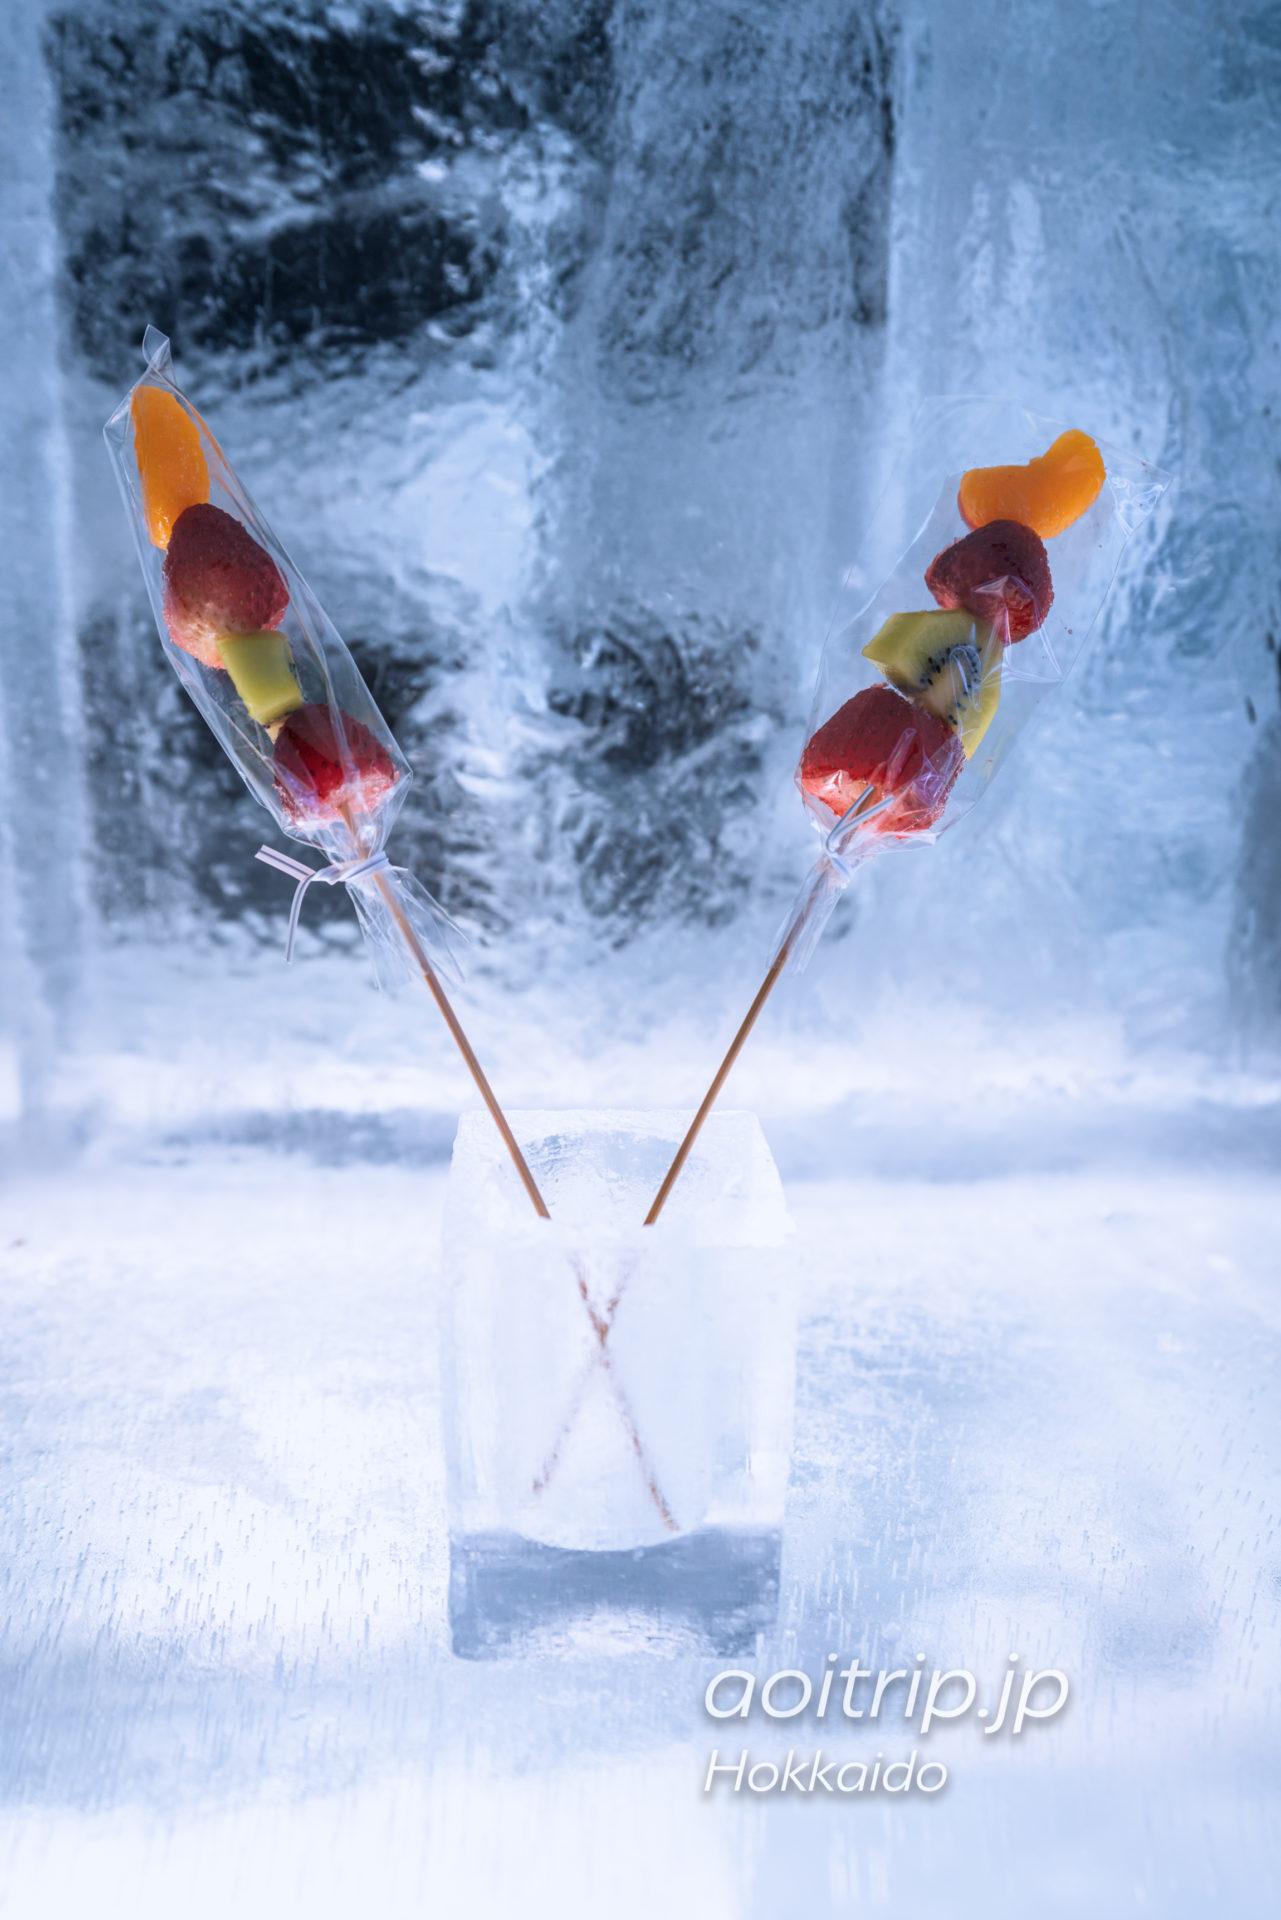 アイスヴィレッジの氷のフルーツショップ